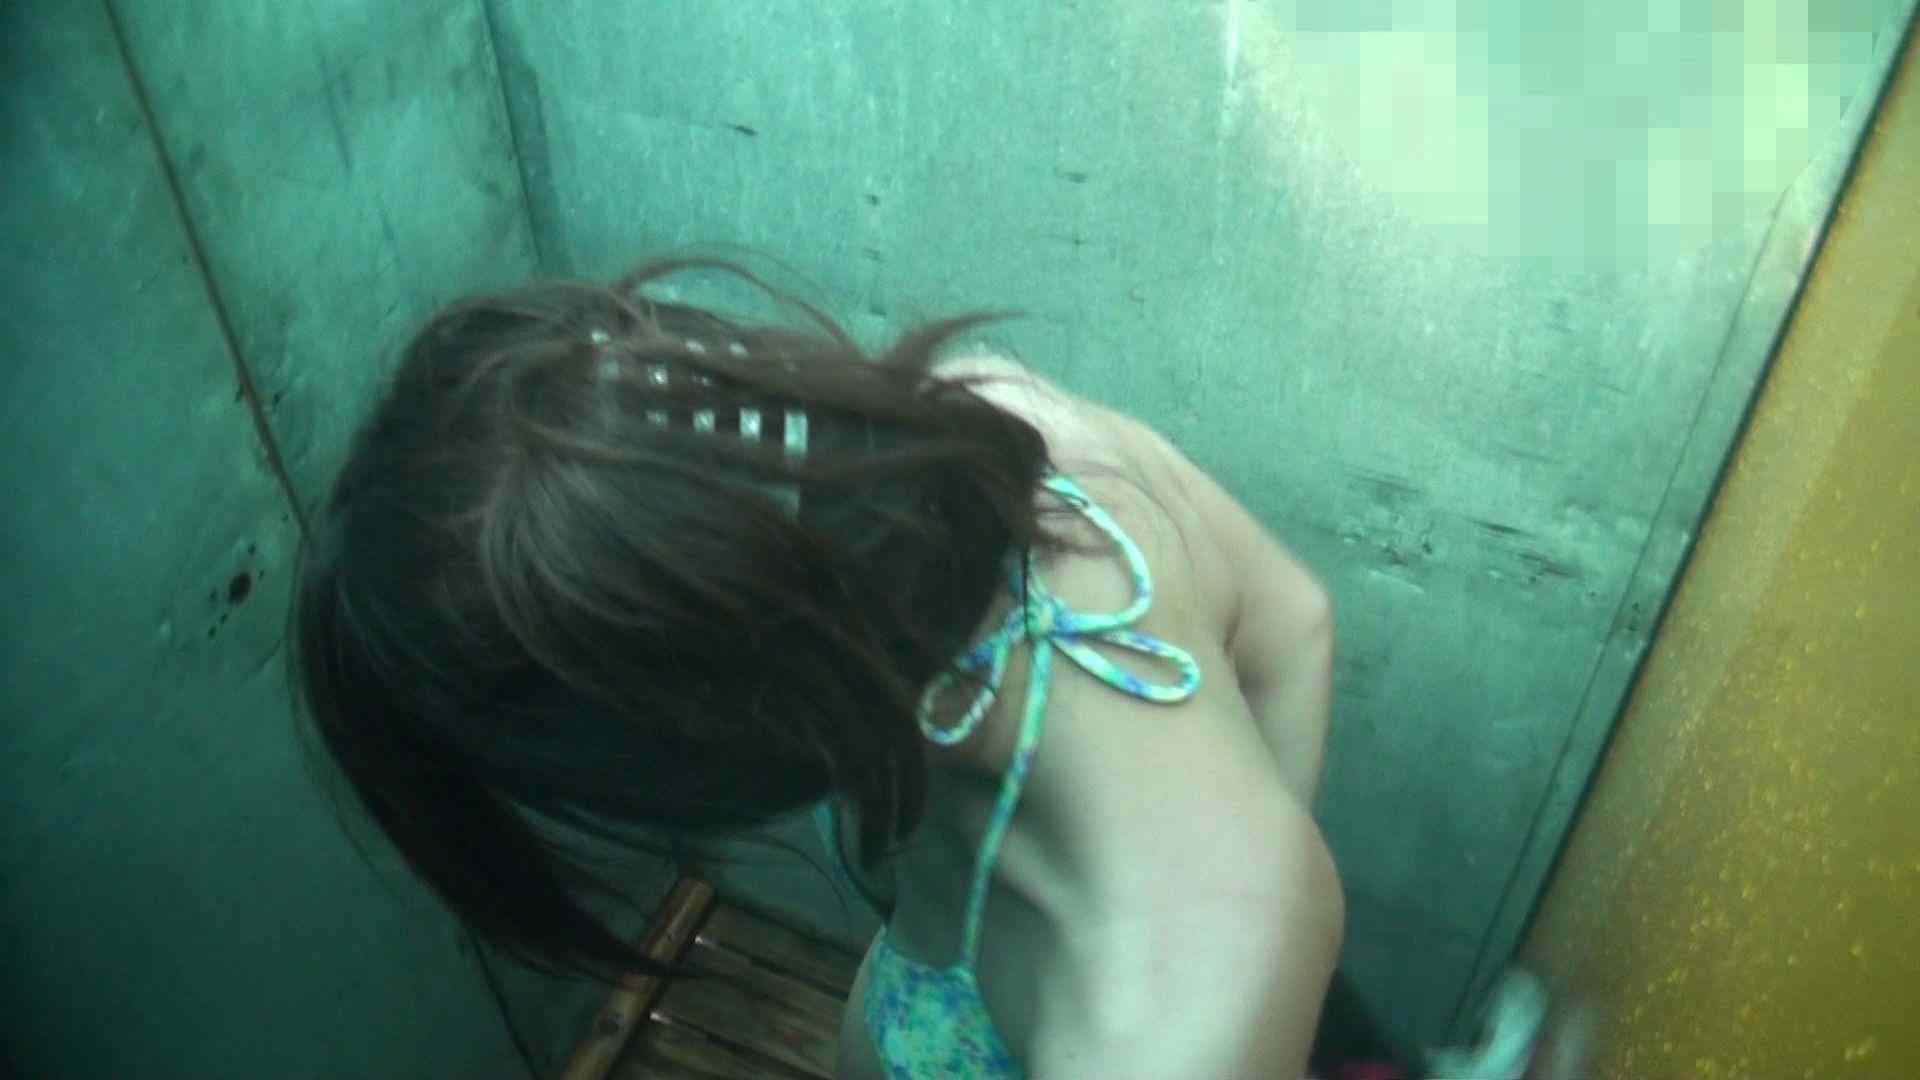 シャワールームは超!!危険な香りVol.15 残念ですが乳首未確認 マンコの砂は入念に シャワー 盗撮動画紹介 48連発 9